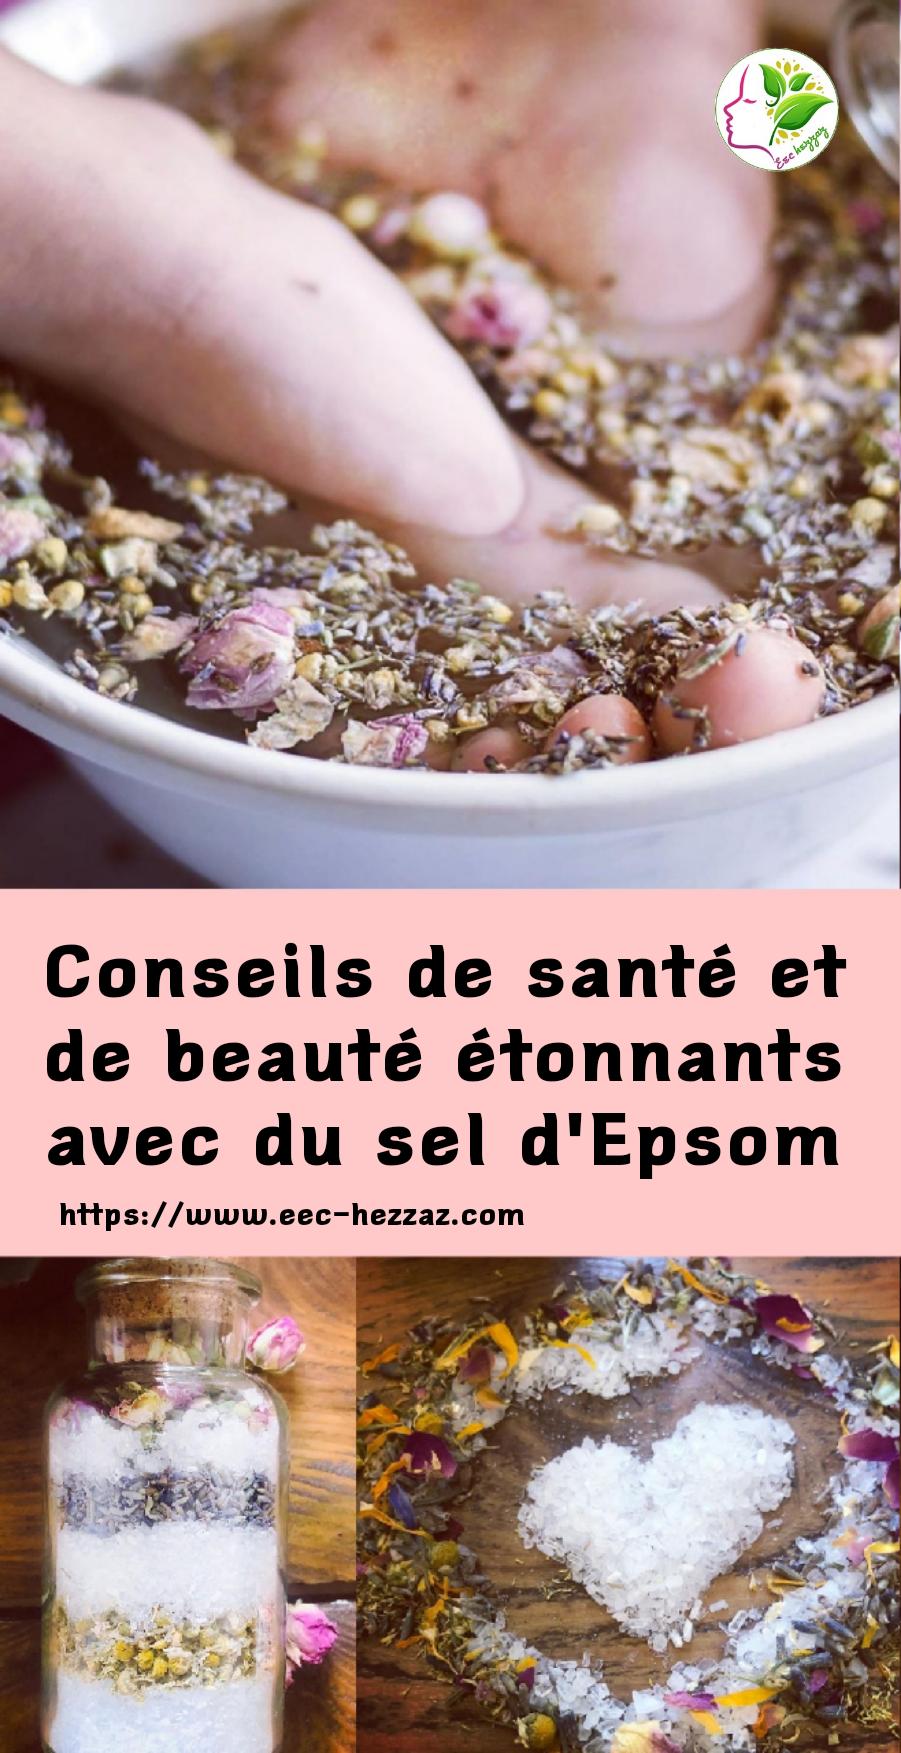 Conseils de santé et de beauté étonnants avec du sel d'Epsom